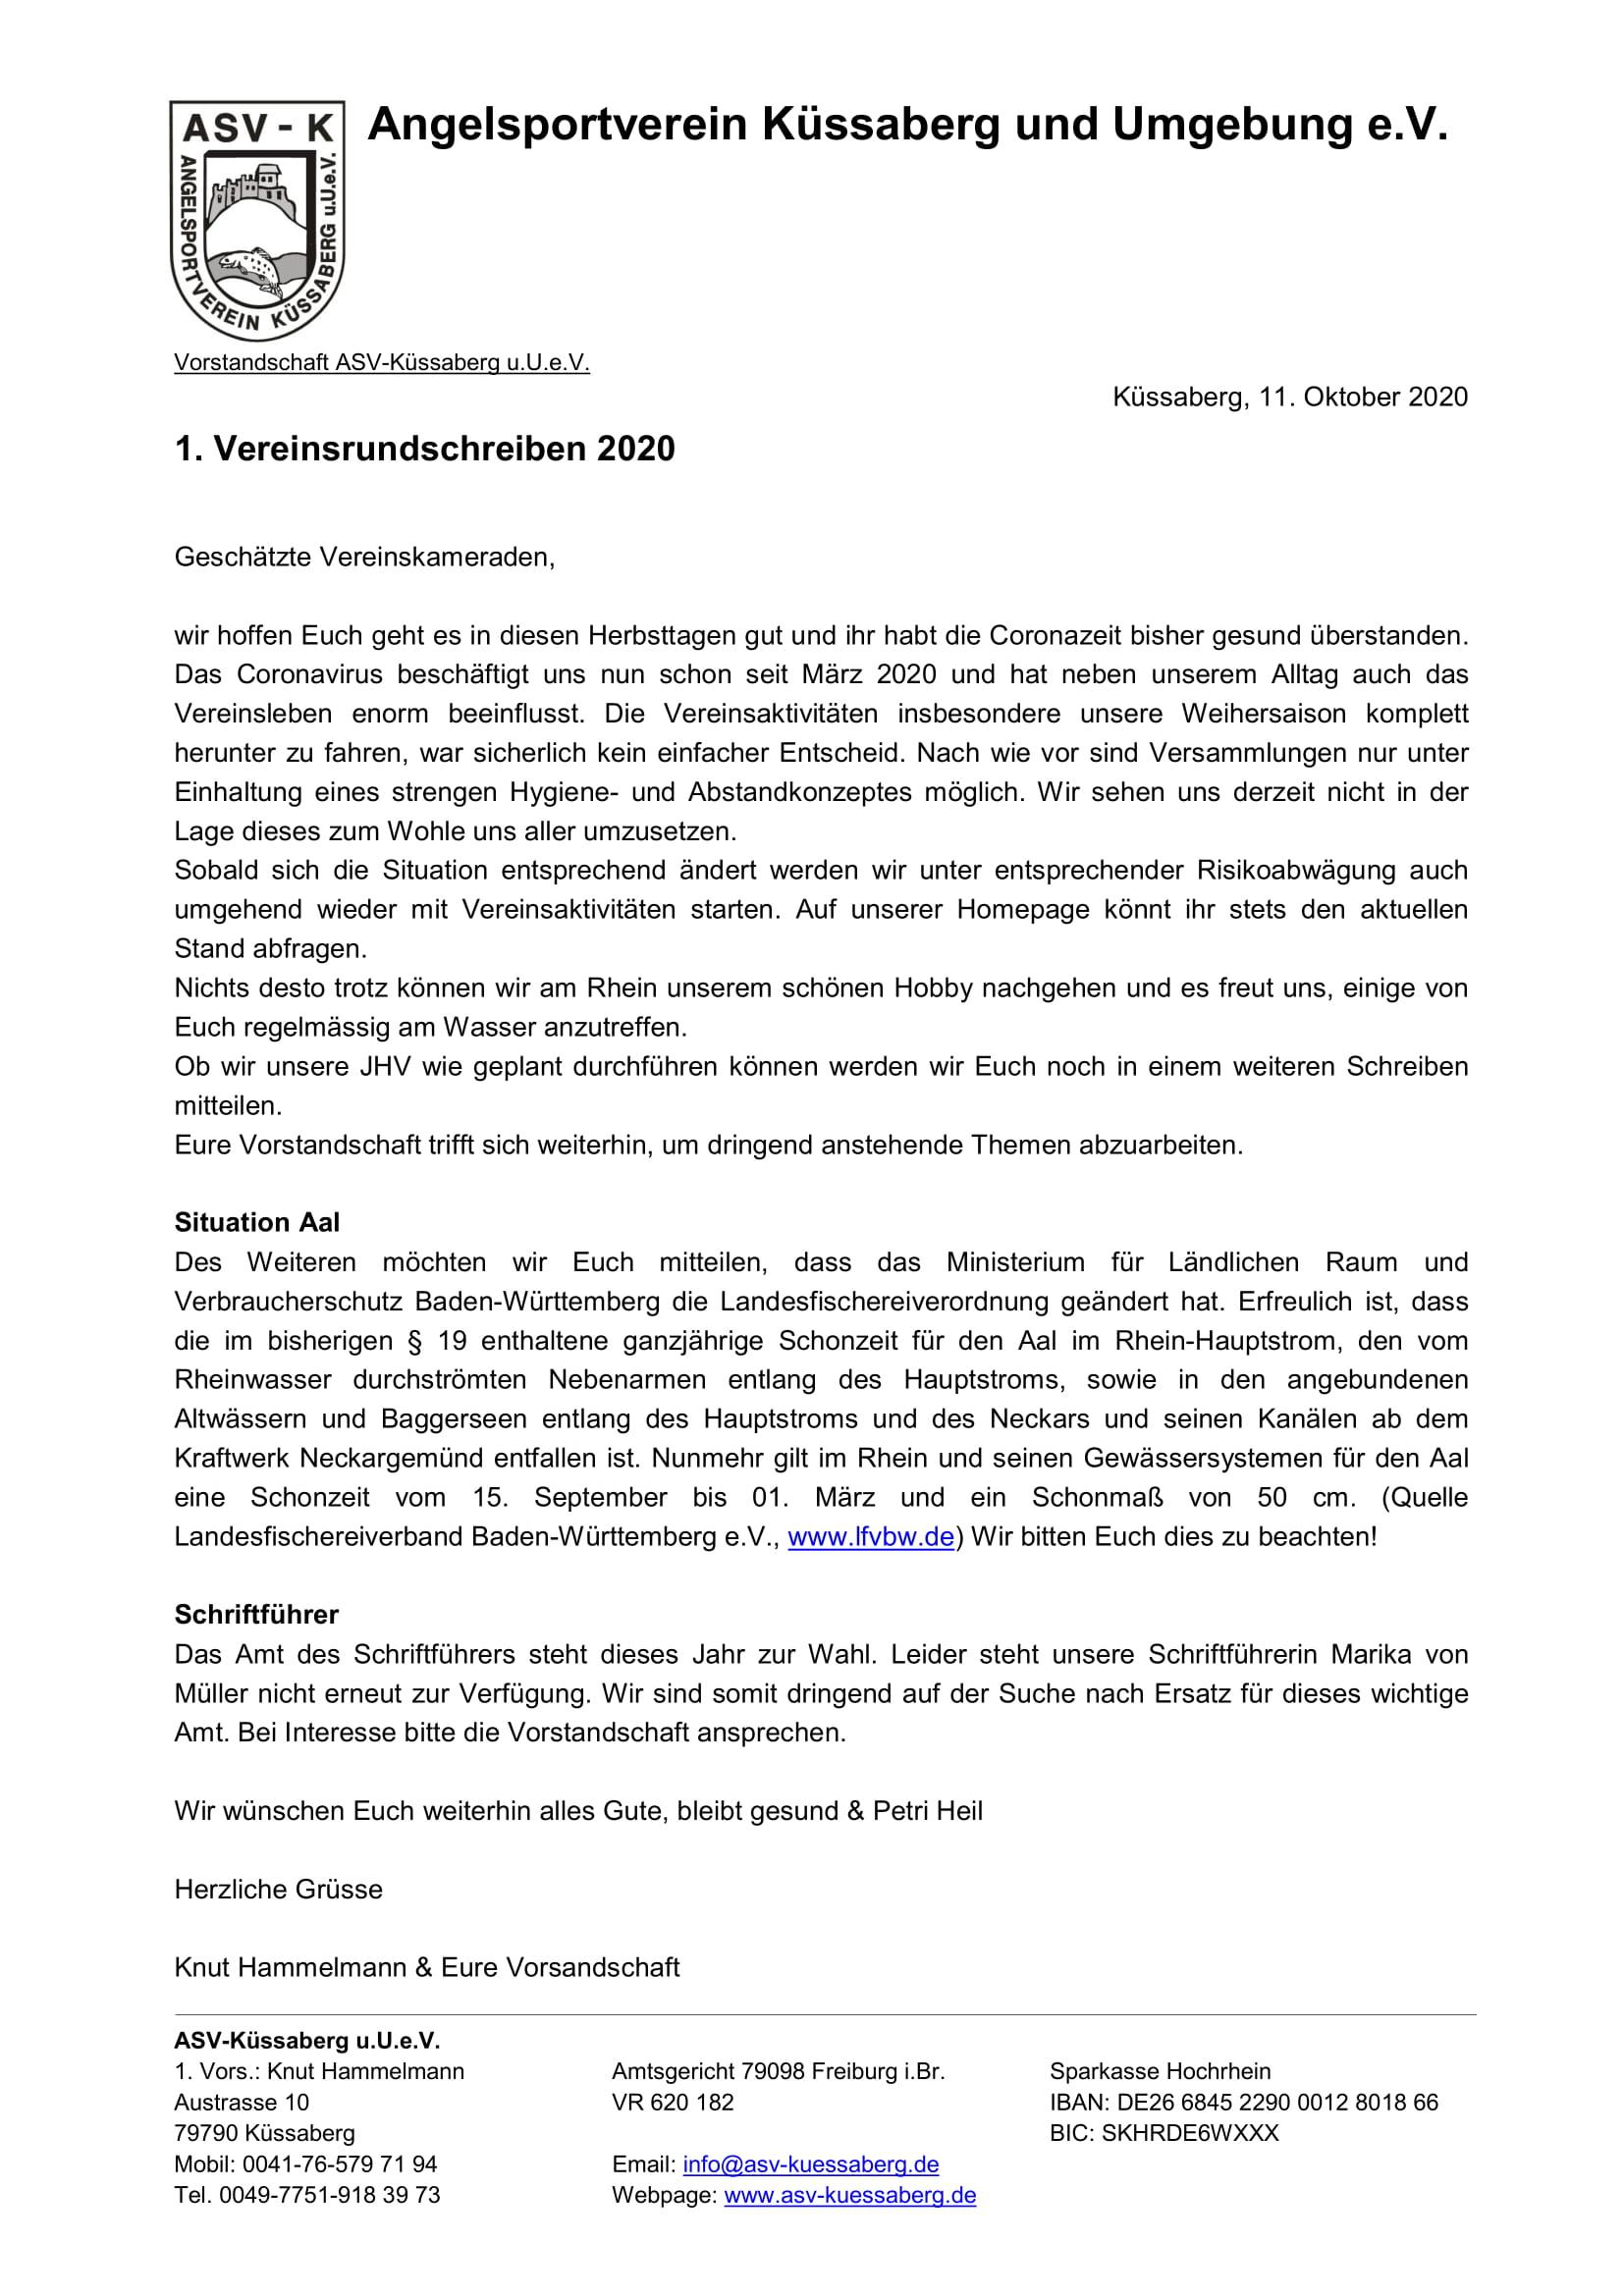 201011_Rundschreiben_1-2020_ASV-Kuessaberg-1